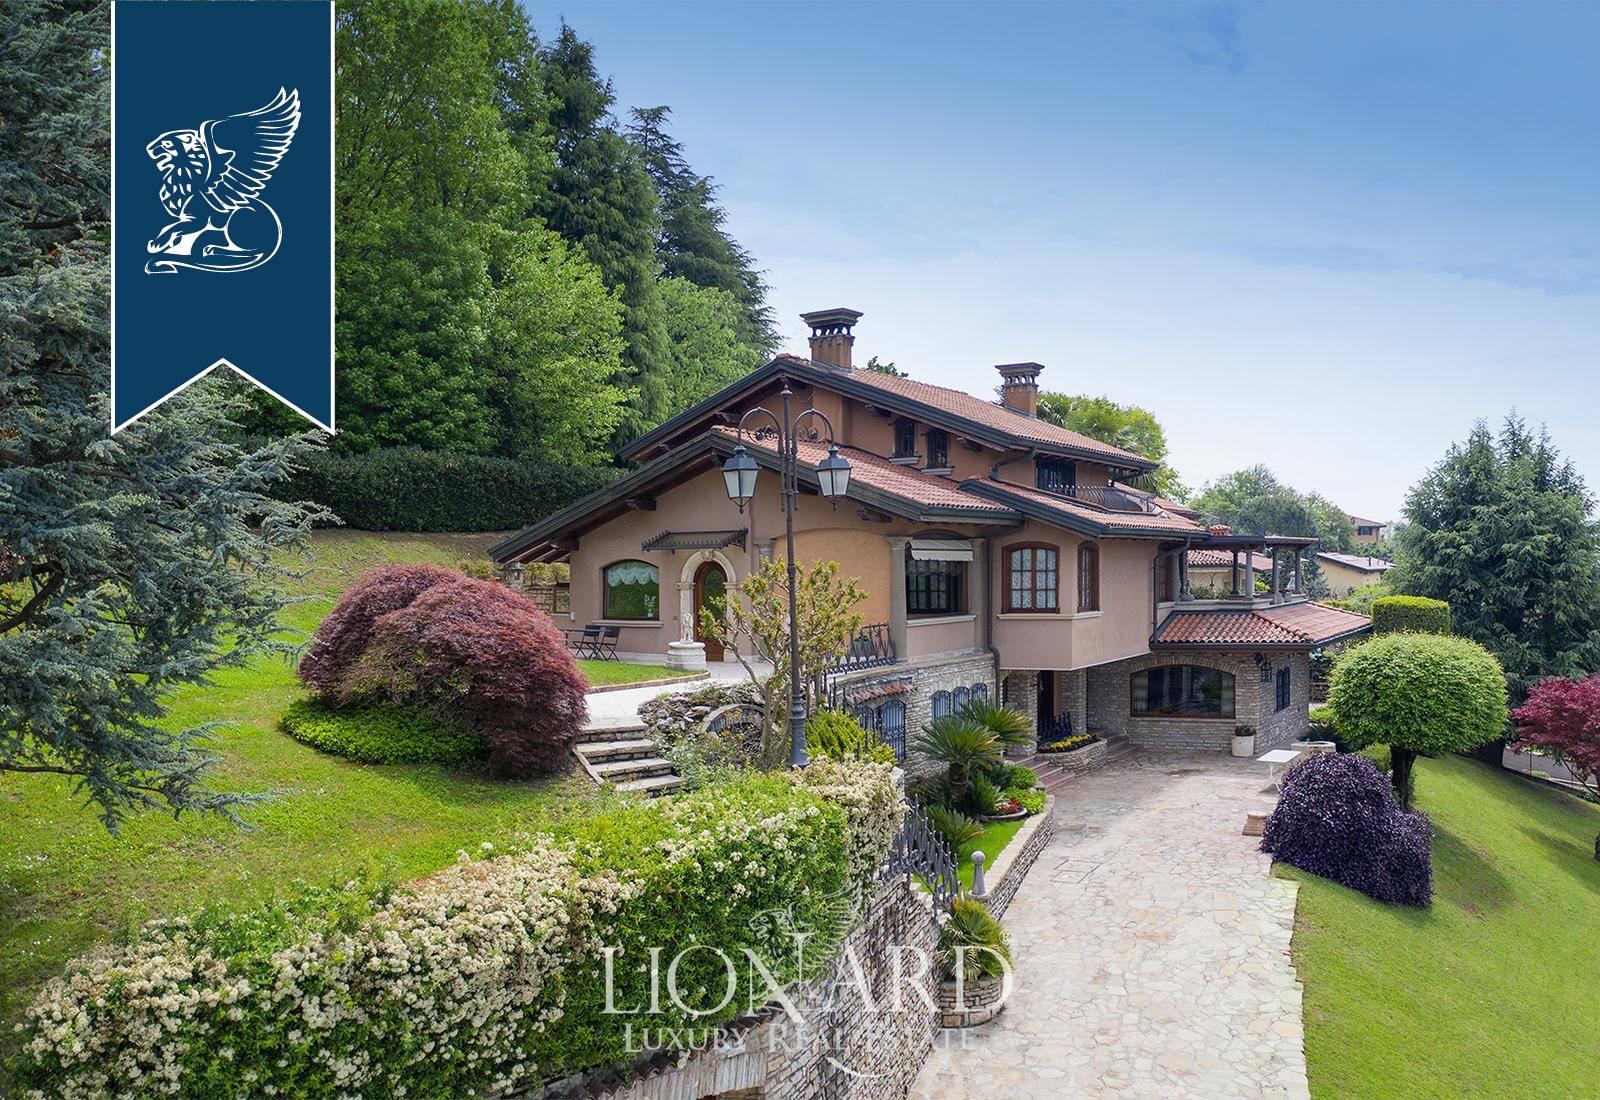 Villa in Vendita a Ponteranica: 0 locali, 590 mq - Foto 3